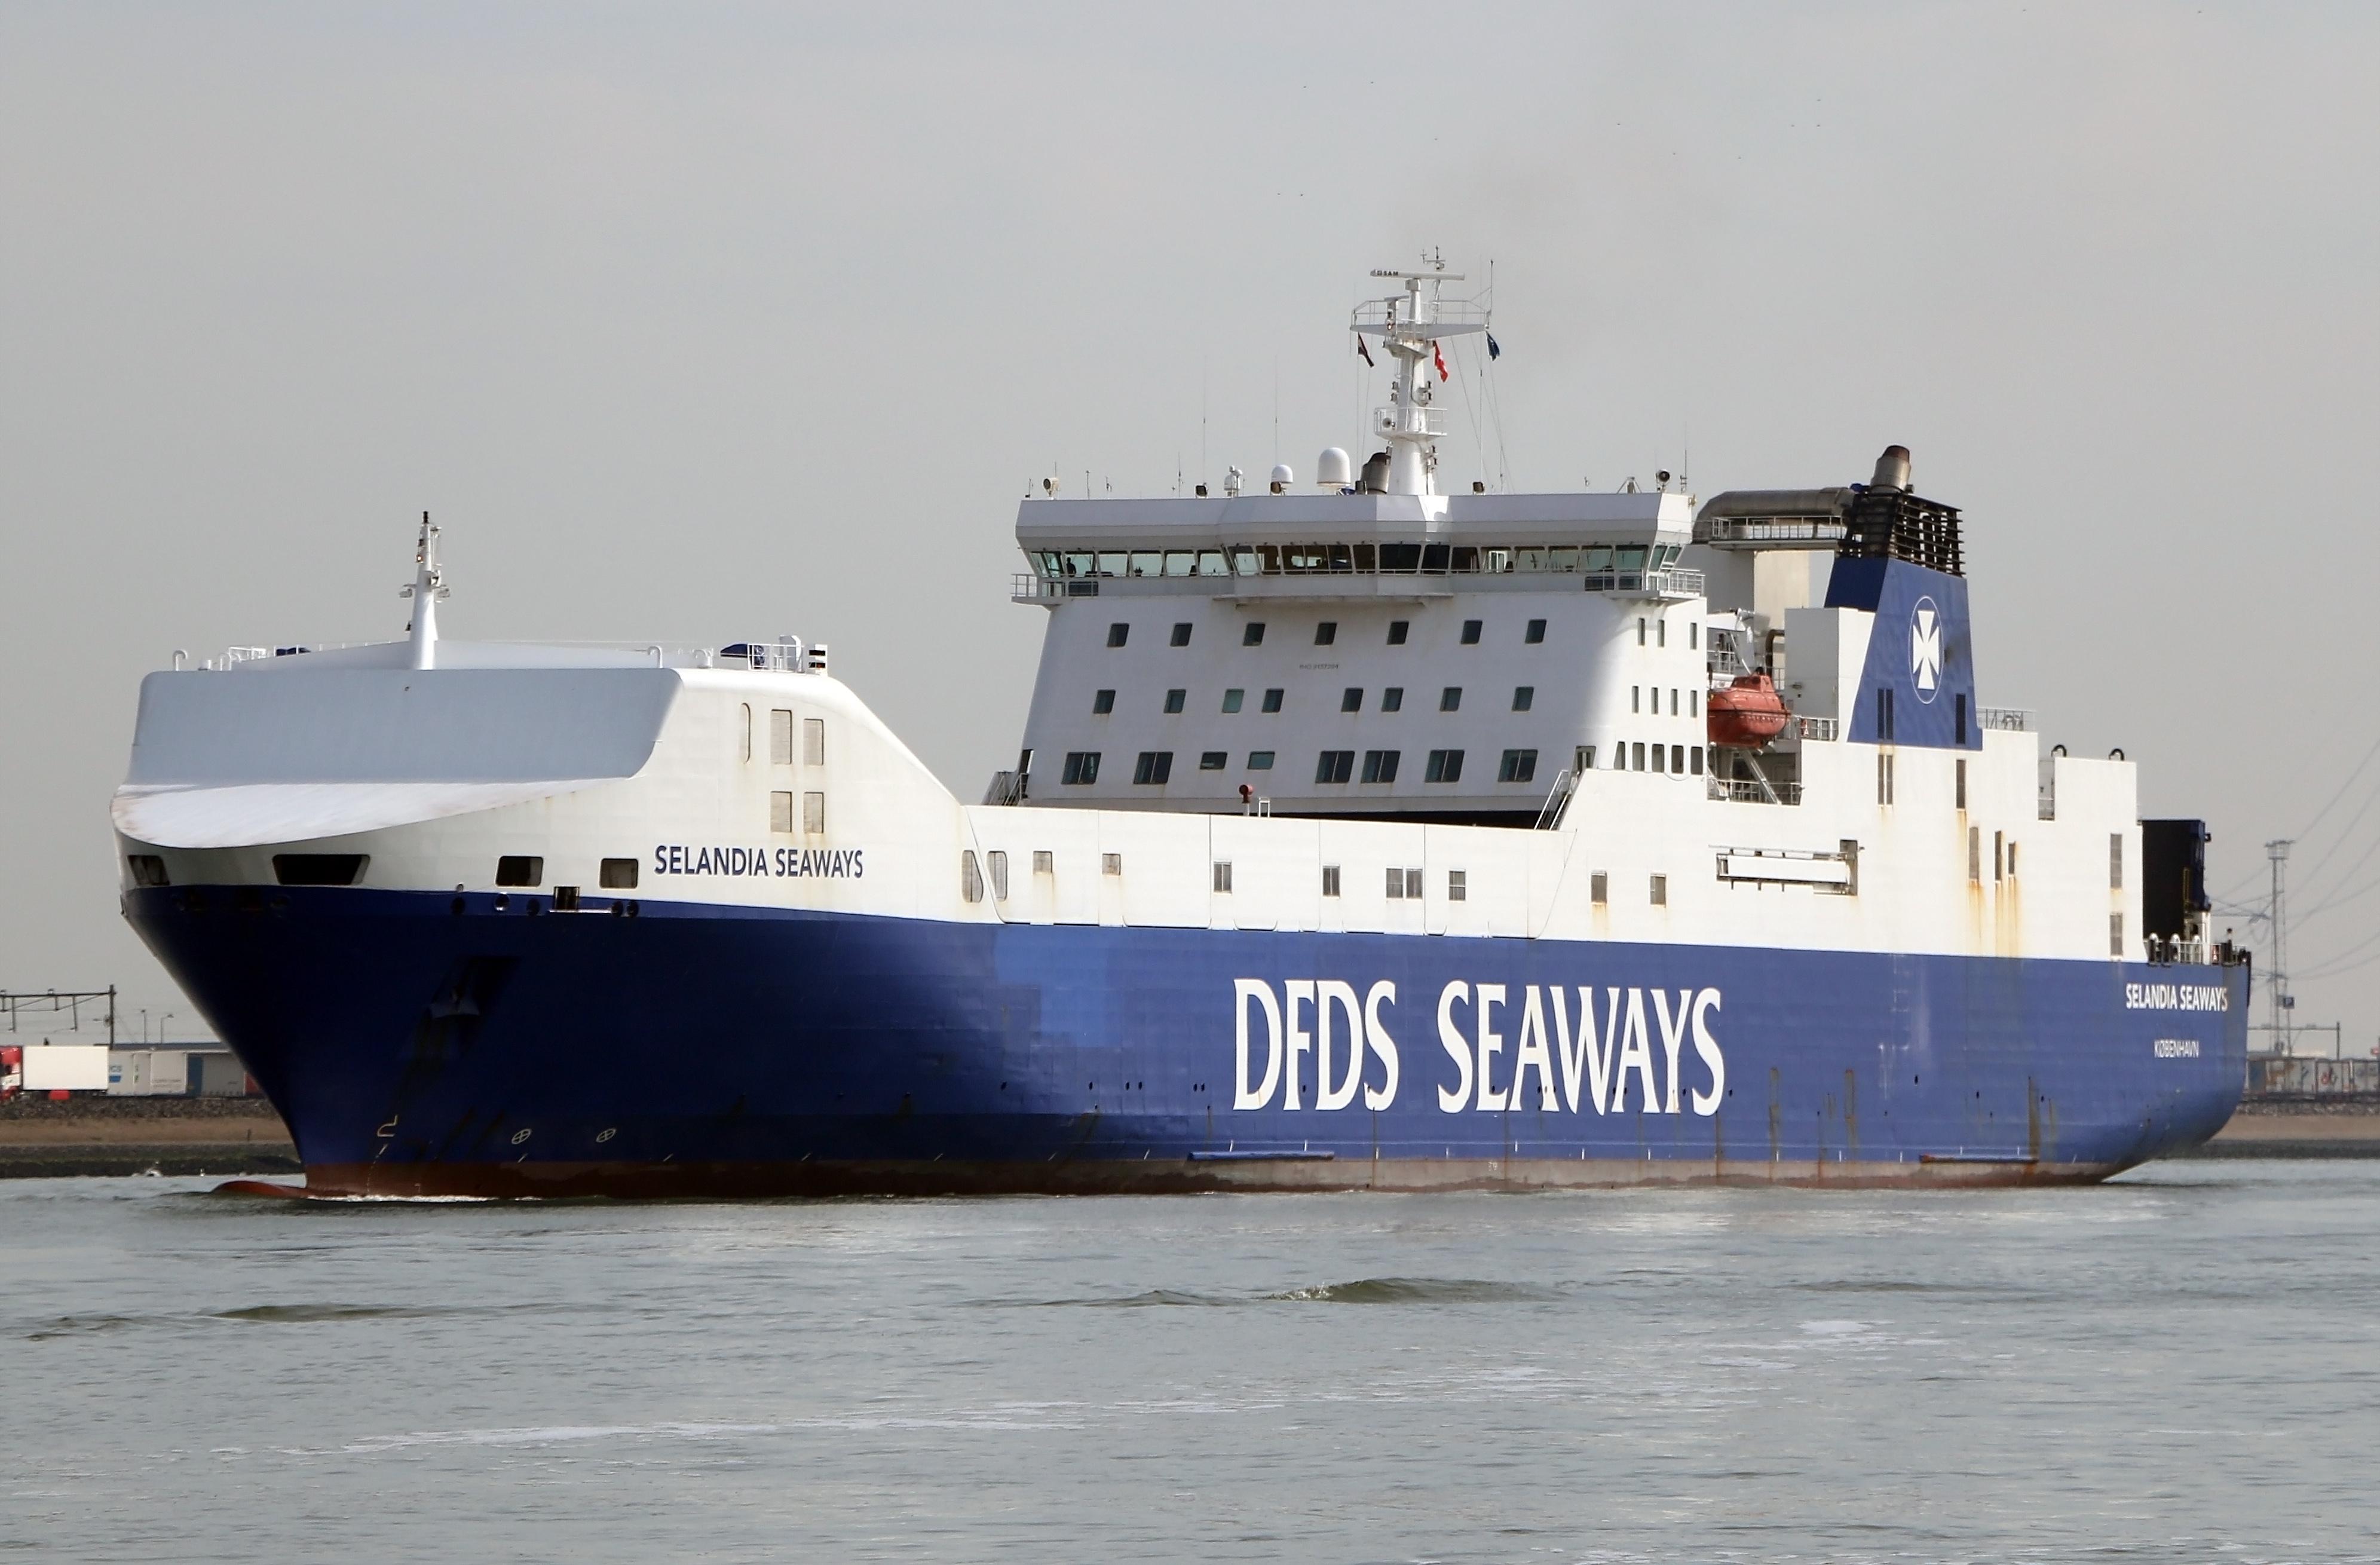 dfds seaways hoek van holland